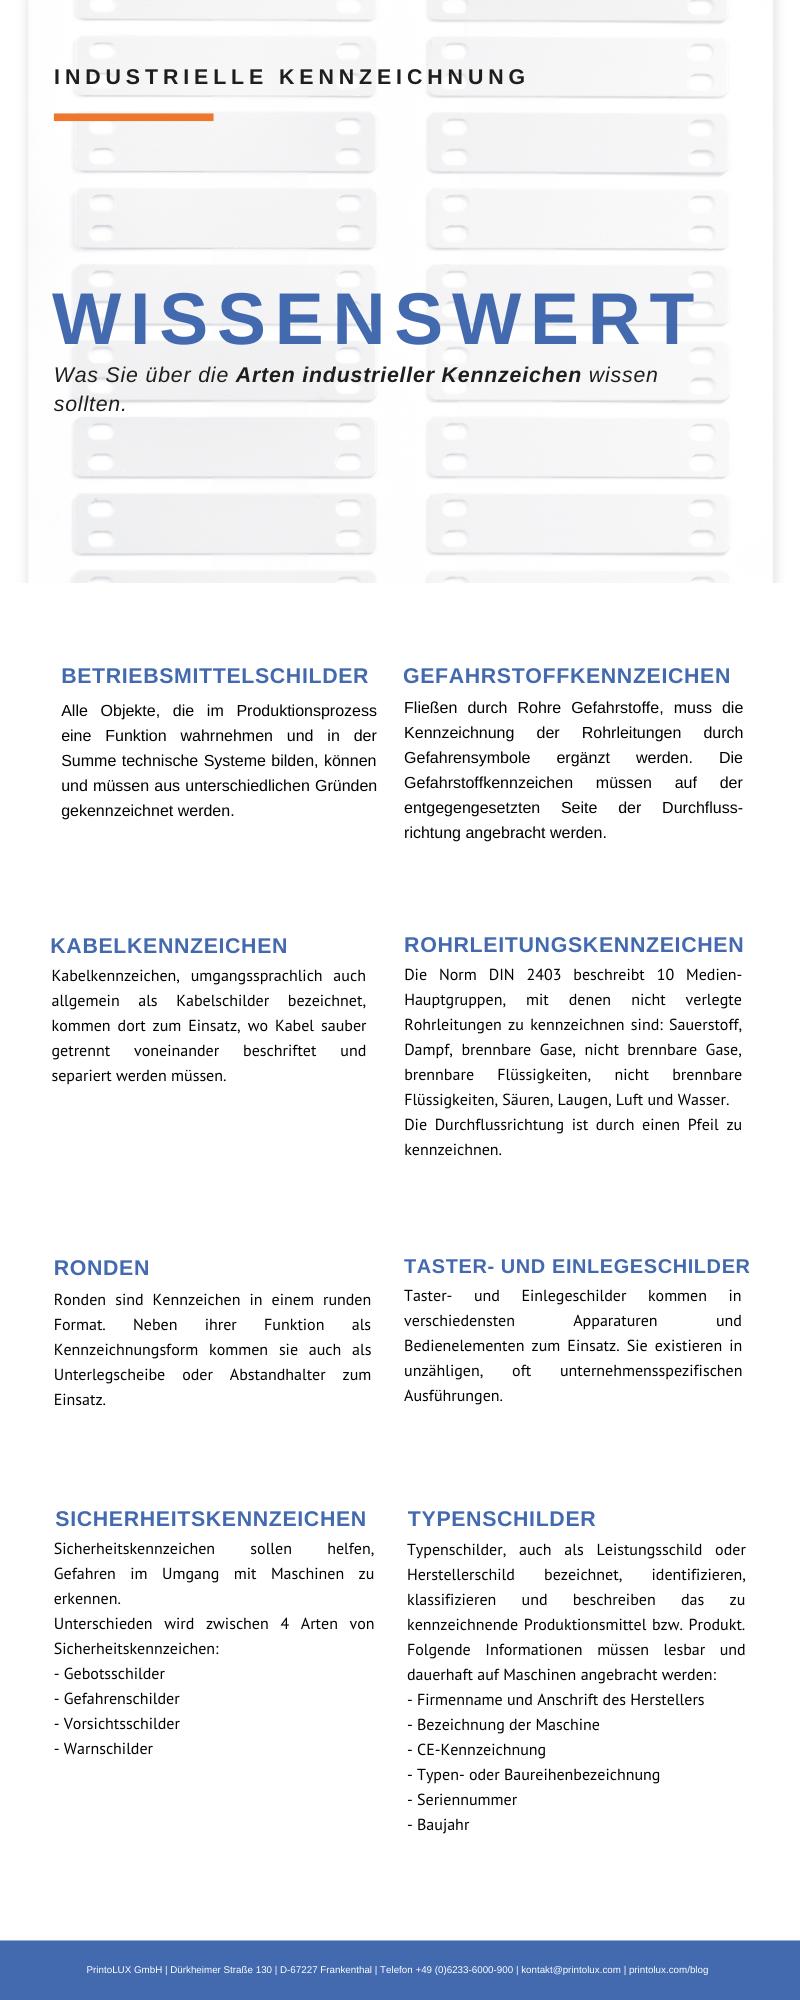 printolux-wissenswert-arten-kennzeichen (1)